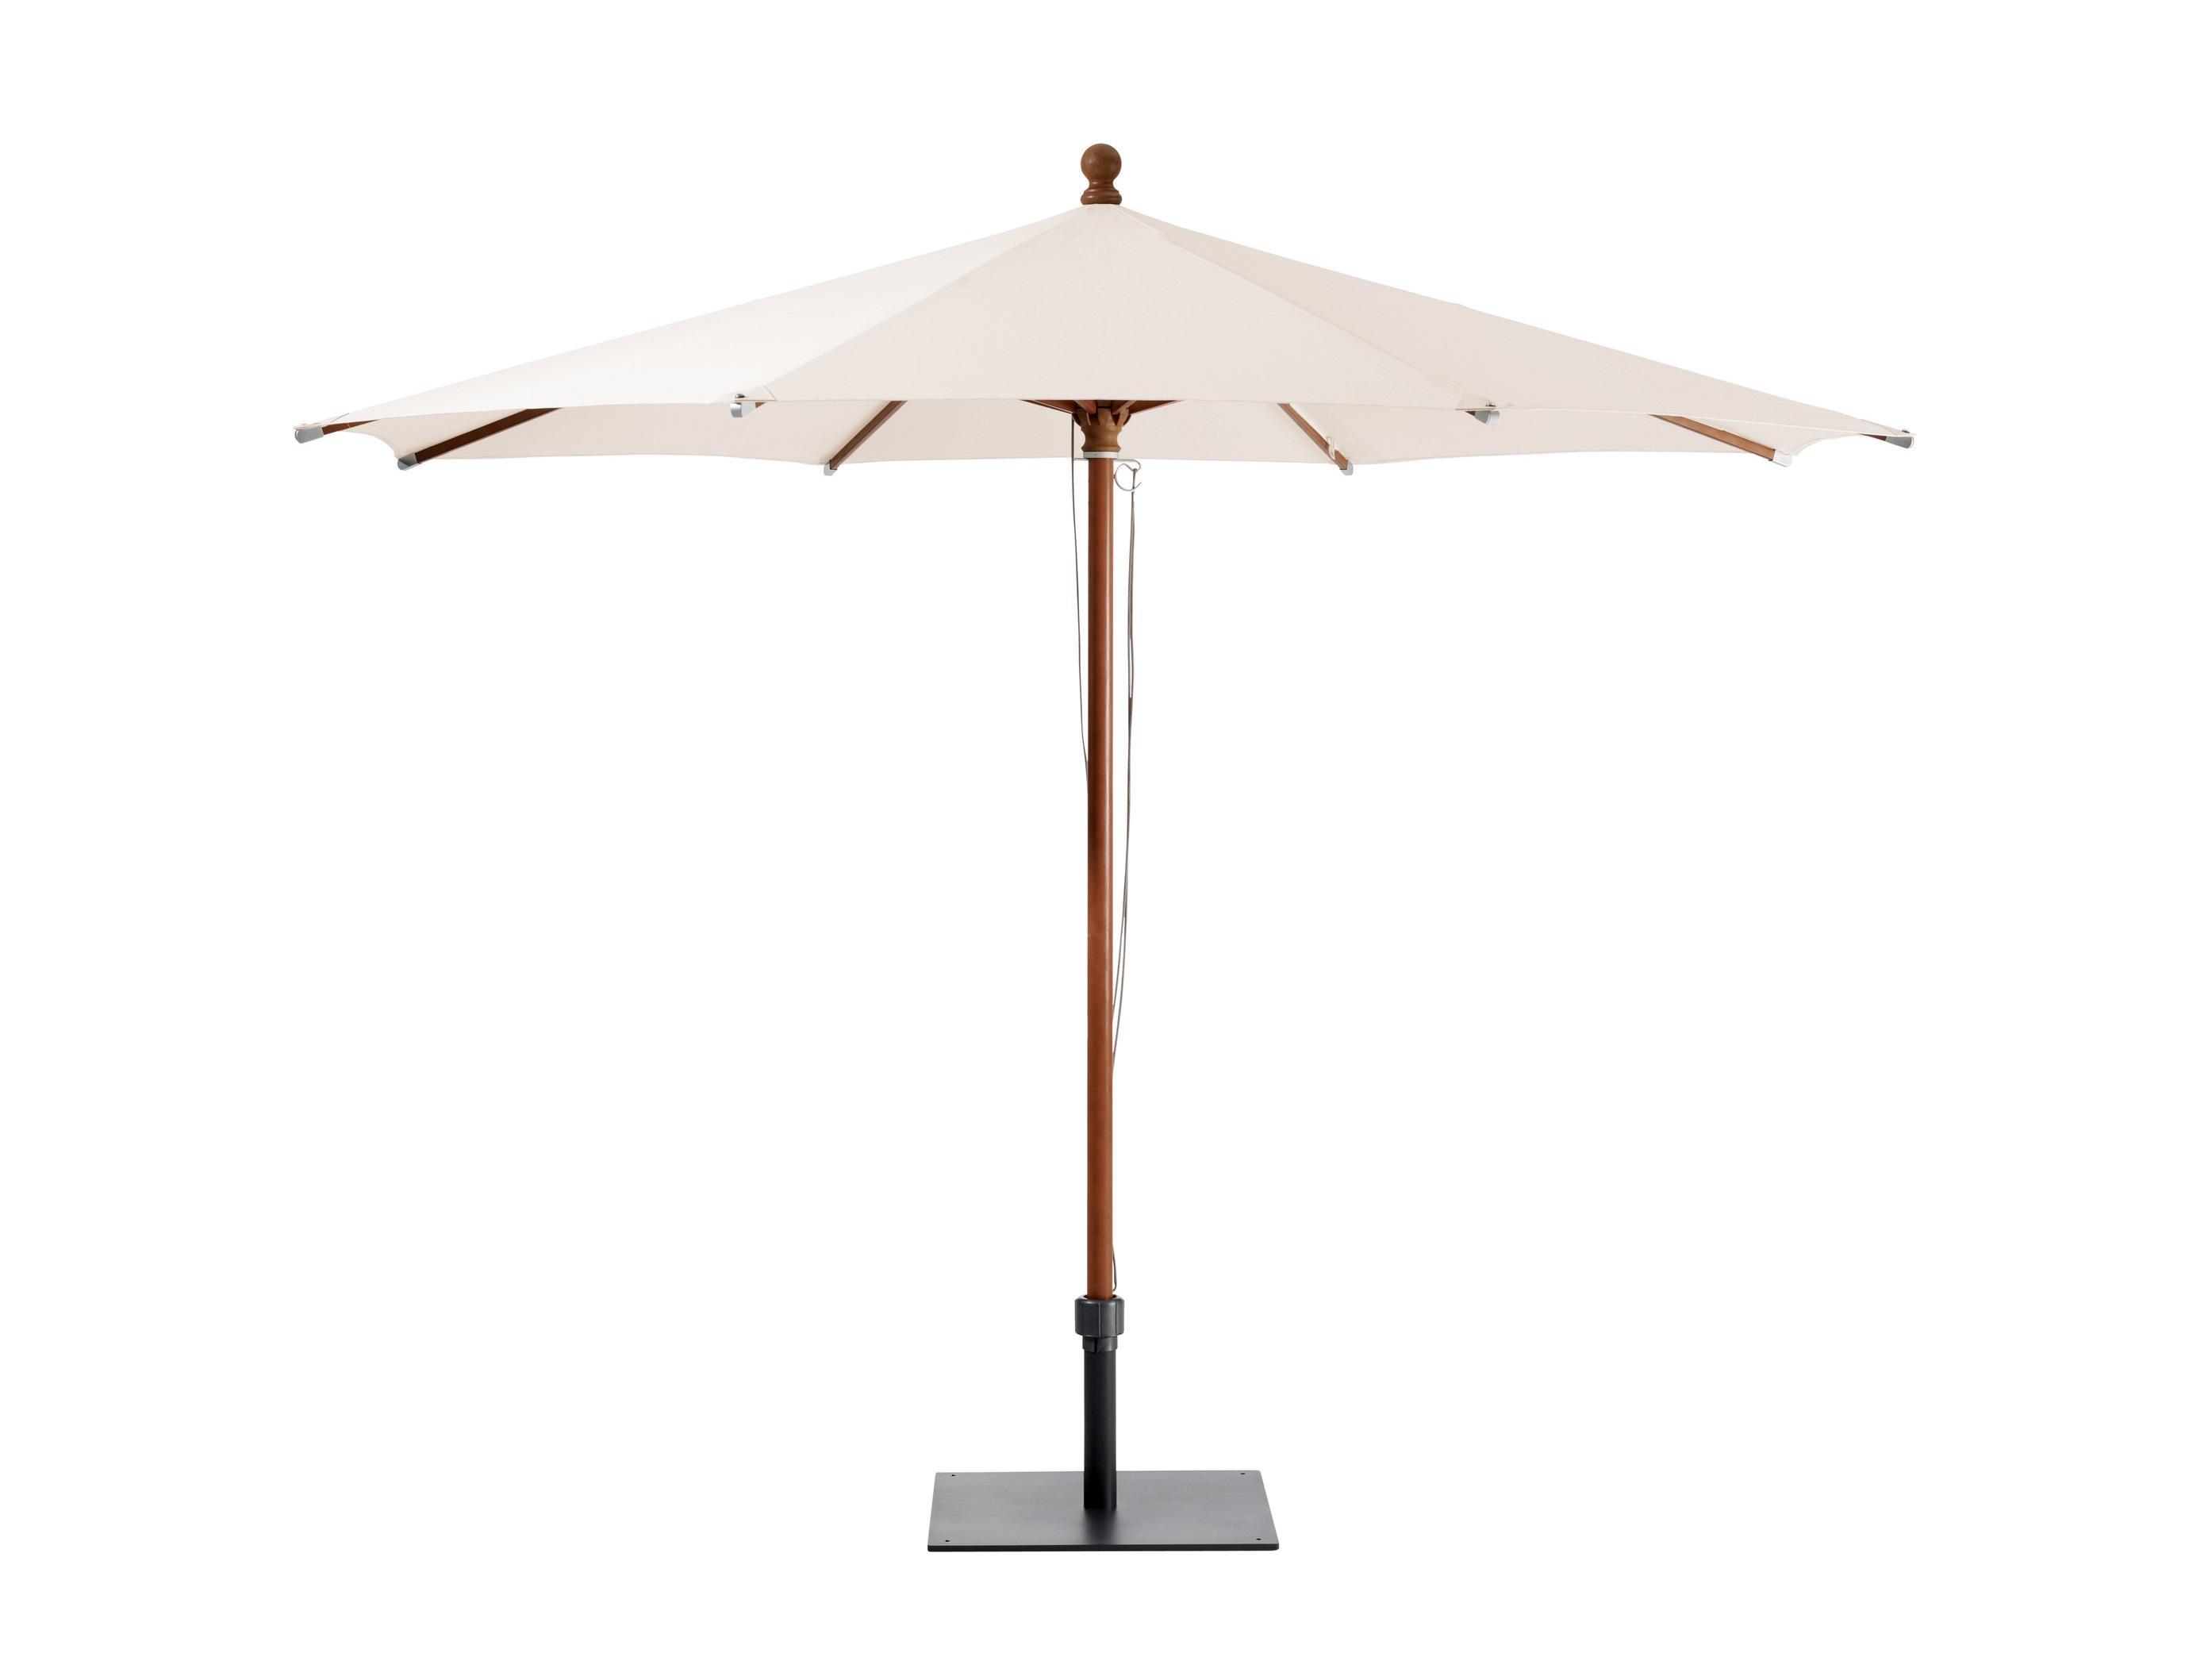 Уличный зонт Piazzino easyТенты и зонты<br>Круглый зонт, каркас из древесины лиственницы.&amp;amp;nbsp;&amp;lt;div&amp;gt;&amp;lt;br&amp;gt;&amp;lt;/div&amp;gt;&amp;lt;div&amp;gt;Плотность ткани 220 g/m2.&amp;amp;nbsp;&amp;lt;/div&amp;gt;&amp;lt;div&amp;gt;Максимальная ветровая нагрузка 30км/ч.&amp;amp;nbsp;&amp;lt;/div&amp;gt;&amp;lt;div&amp;gt;В комплект входит: стальная база 60кг,опорная трубка, защитный чехол.&amp;amp;nbsp;&amp;lt;/div&amp;gt;<br><br>Material: Дерево<br>Height см: 275<br>Diameter см: 350